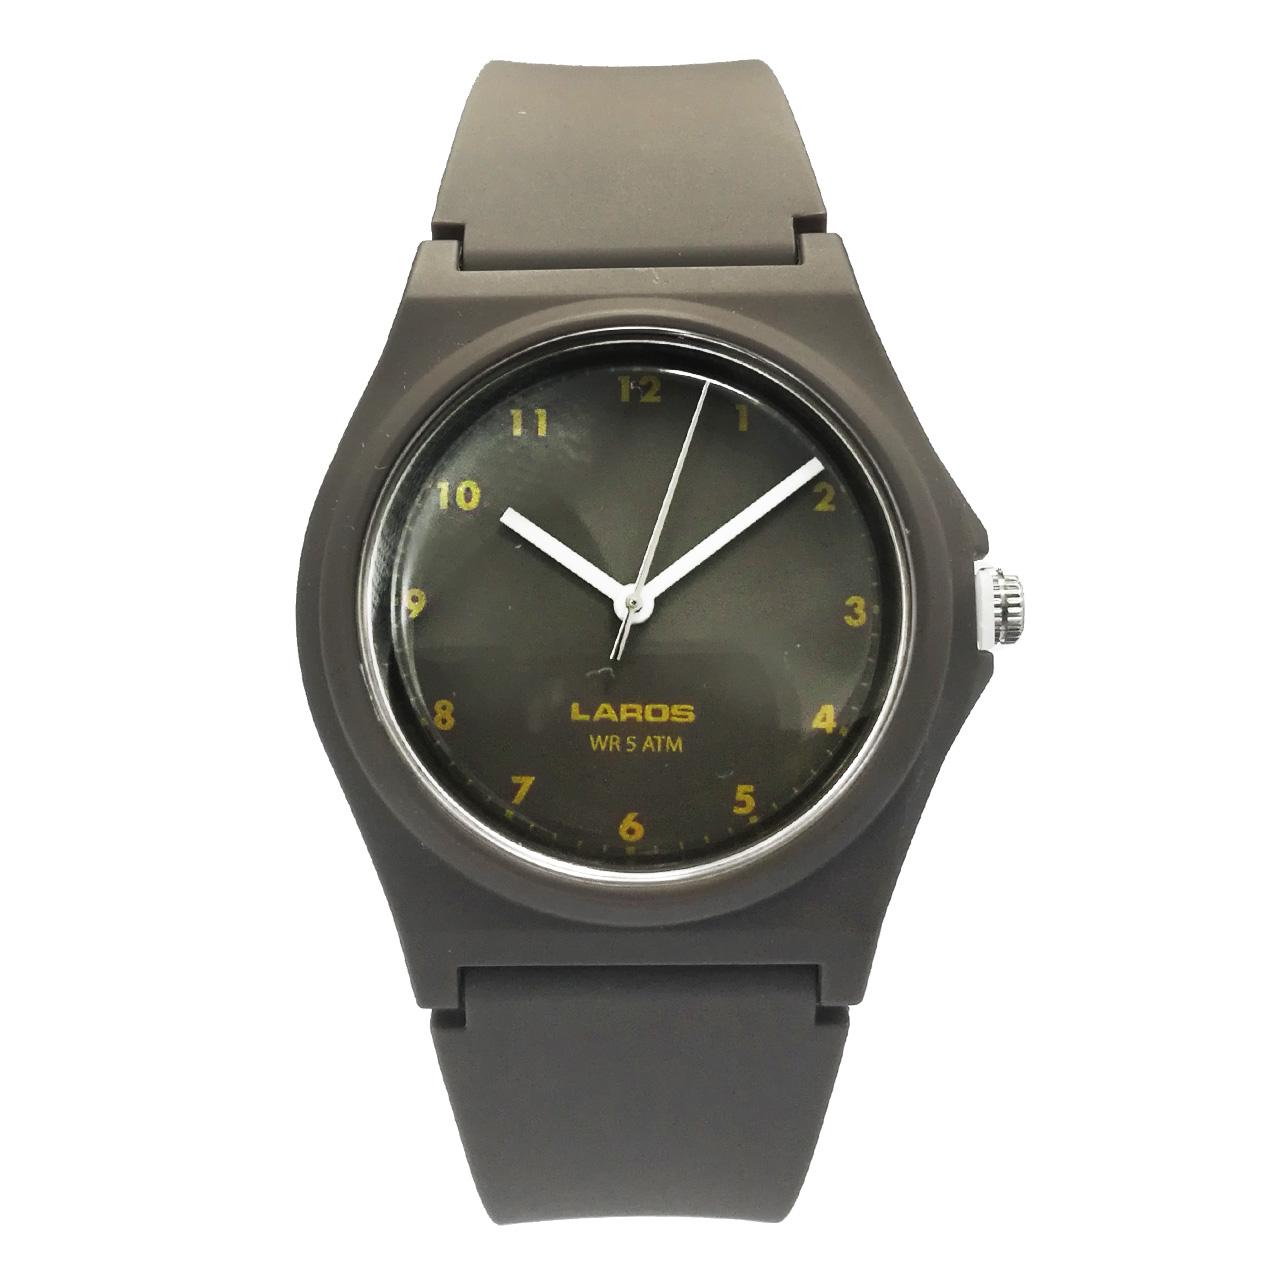 ساعت مچی عقربه ای لاروس مدل 1117-aq103 21